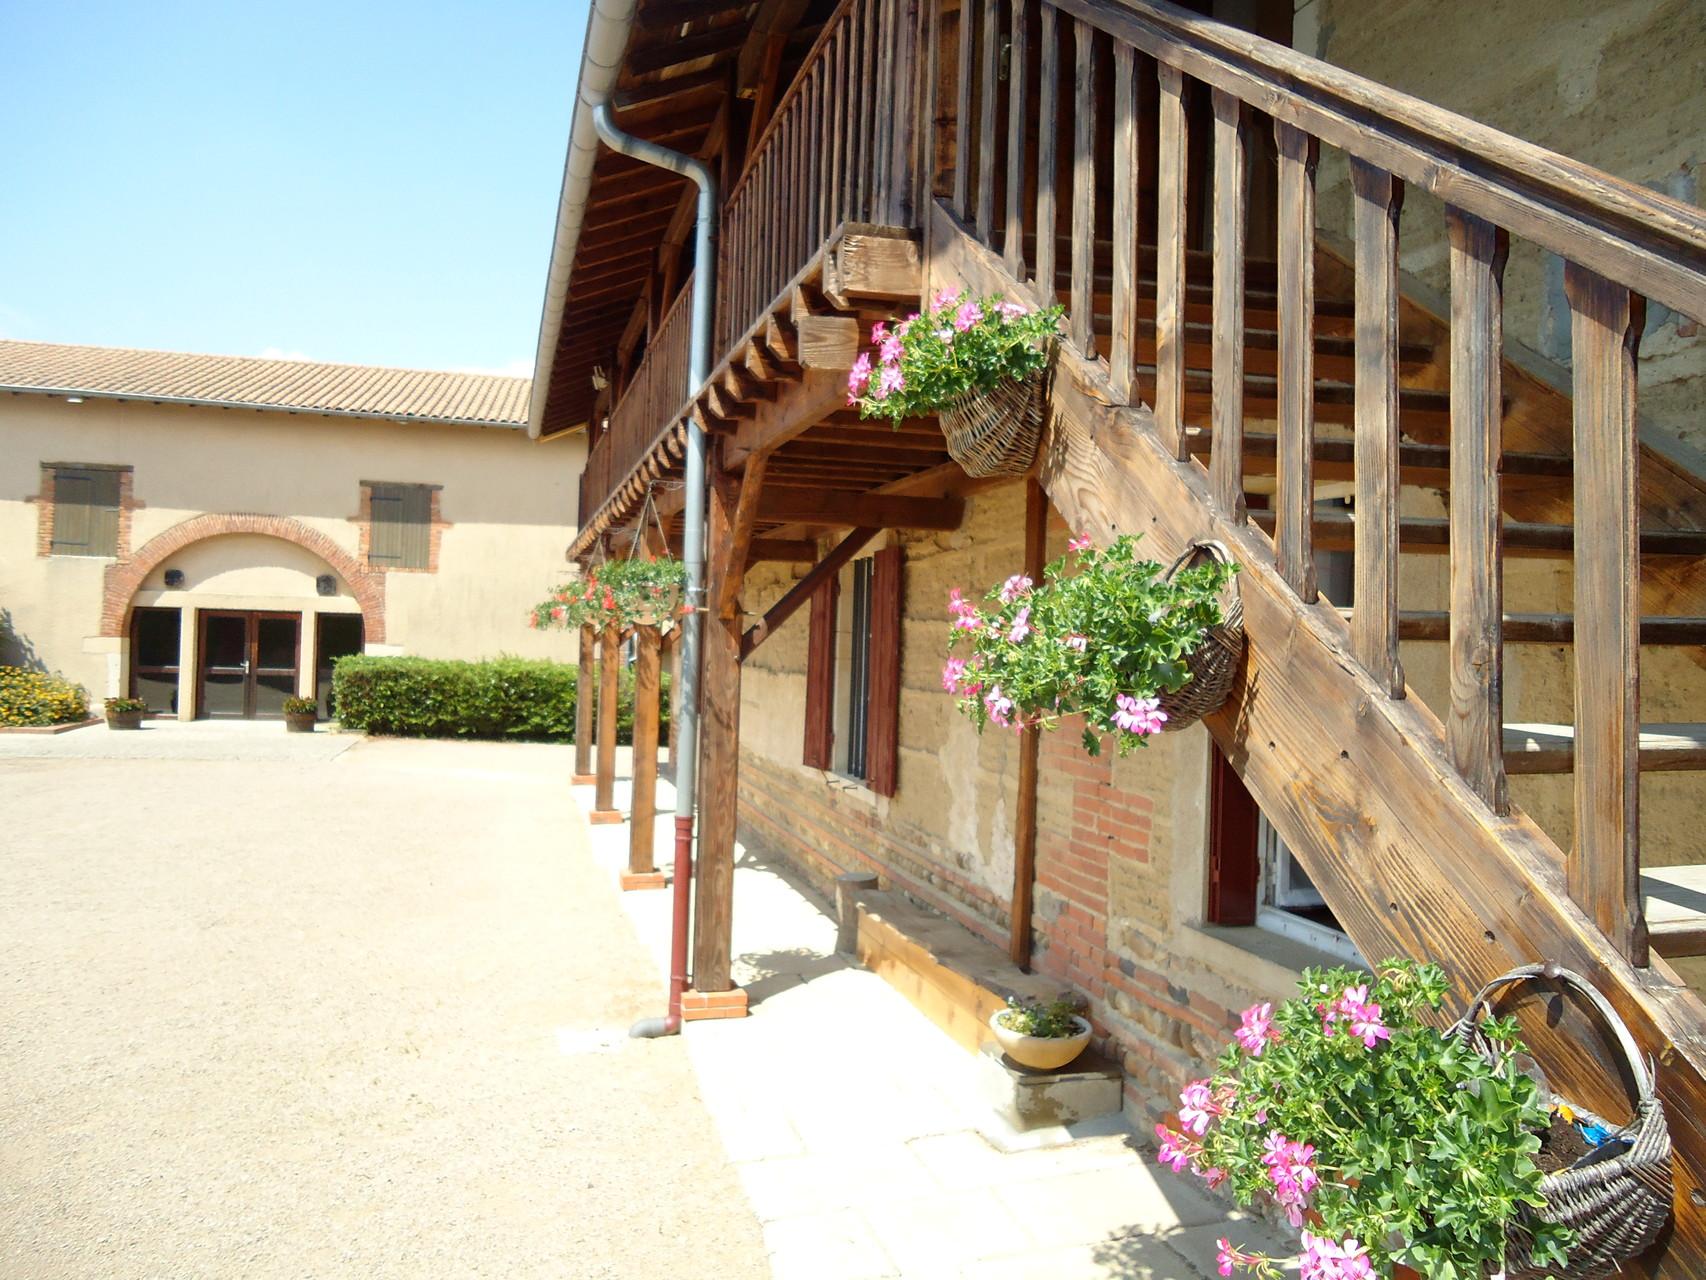 escalier pour accès à l'étage